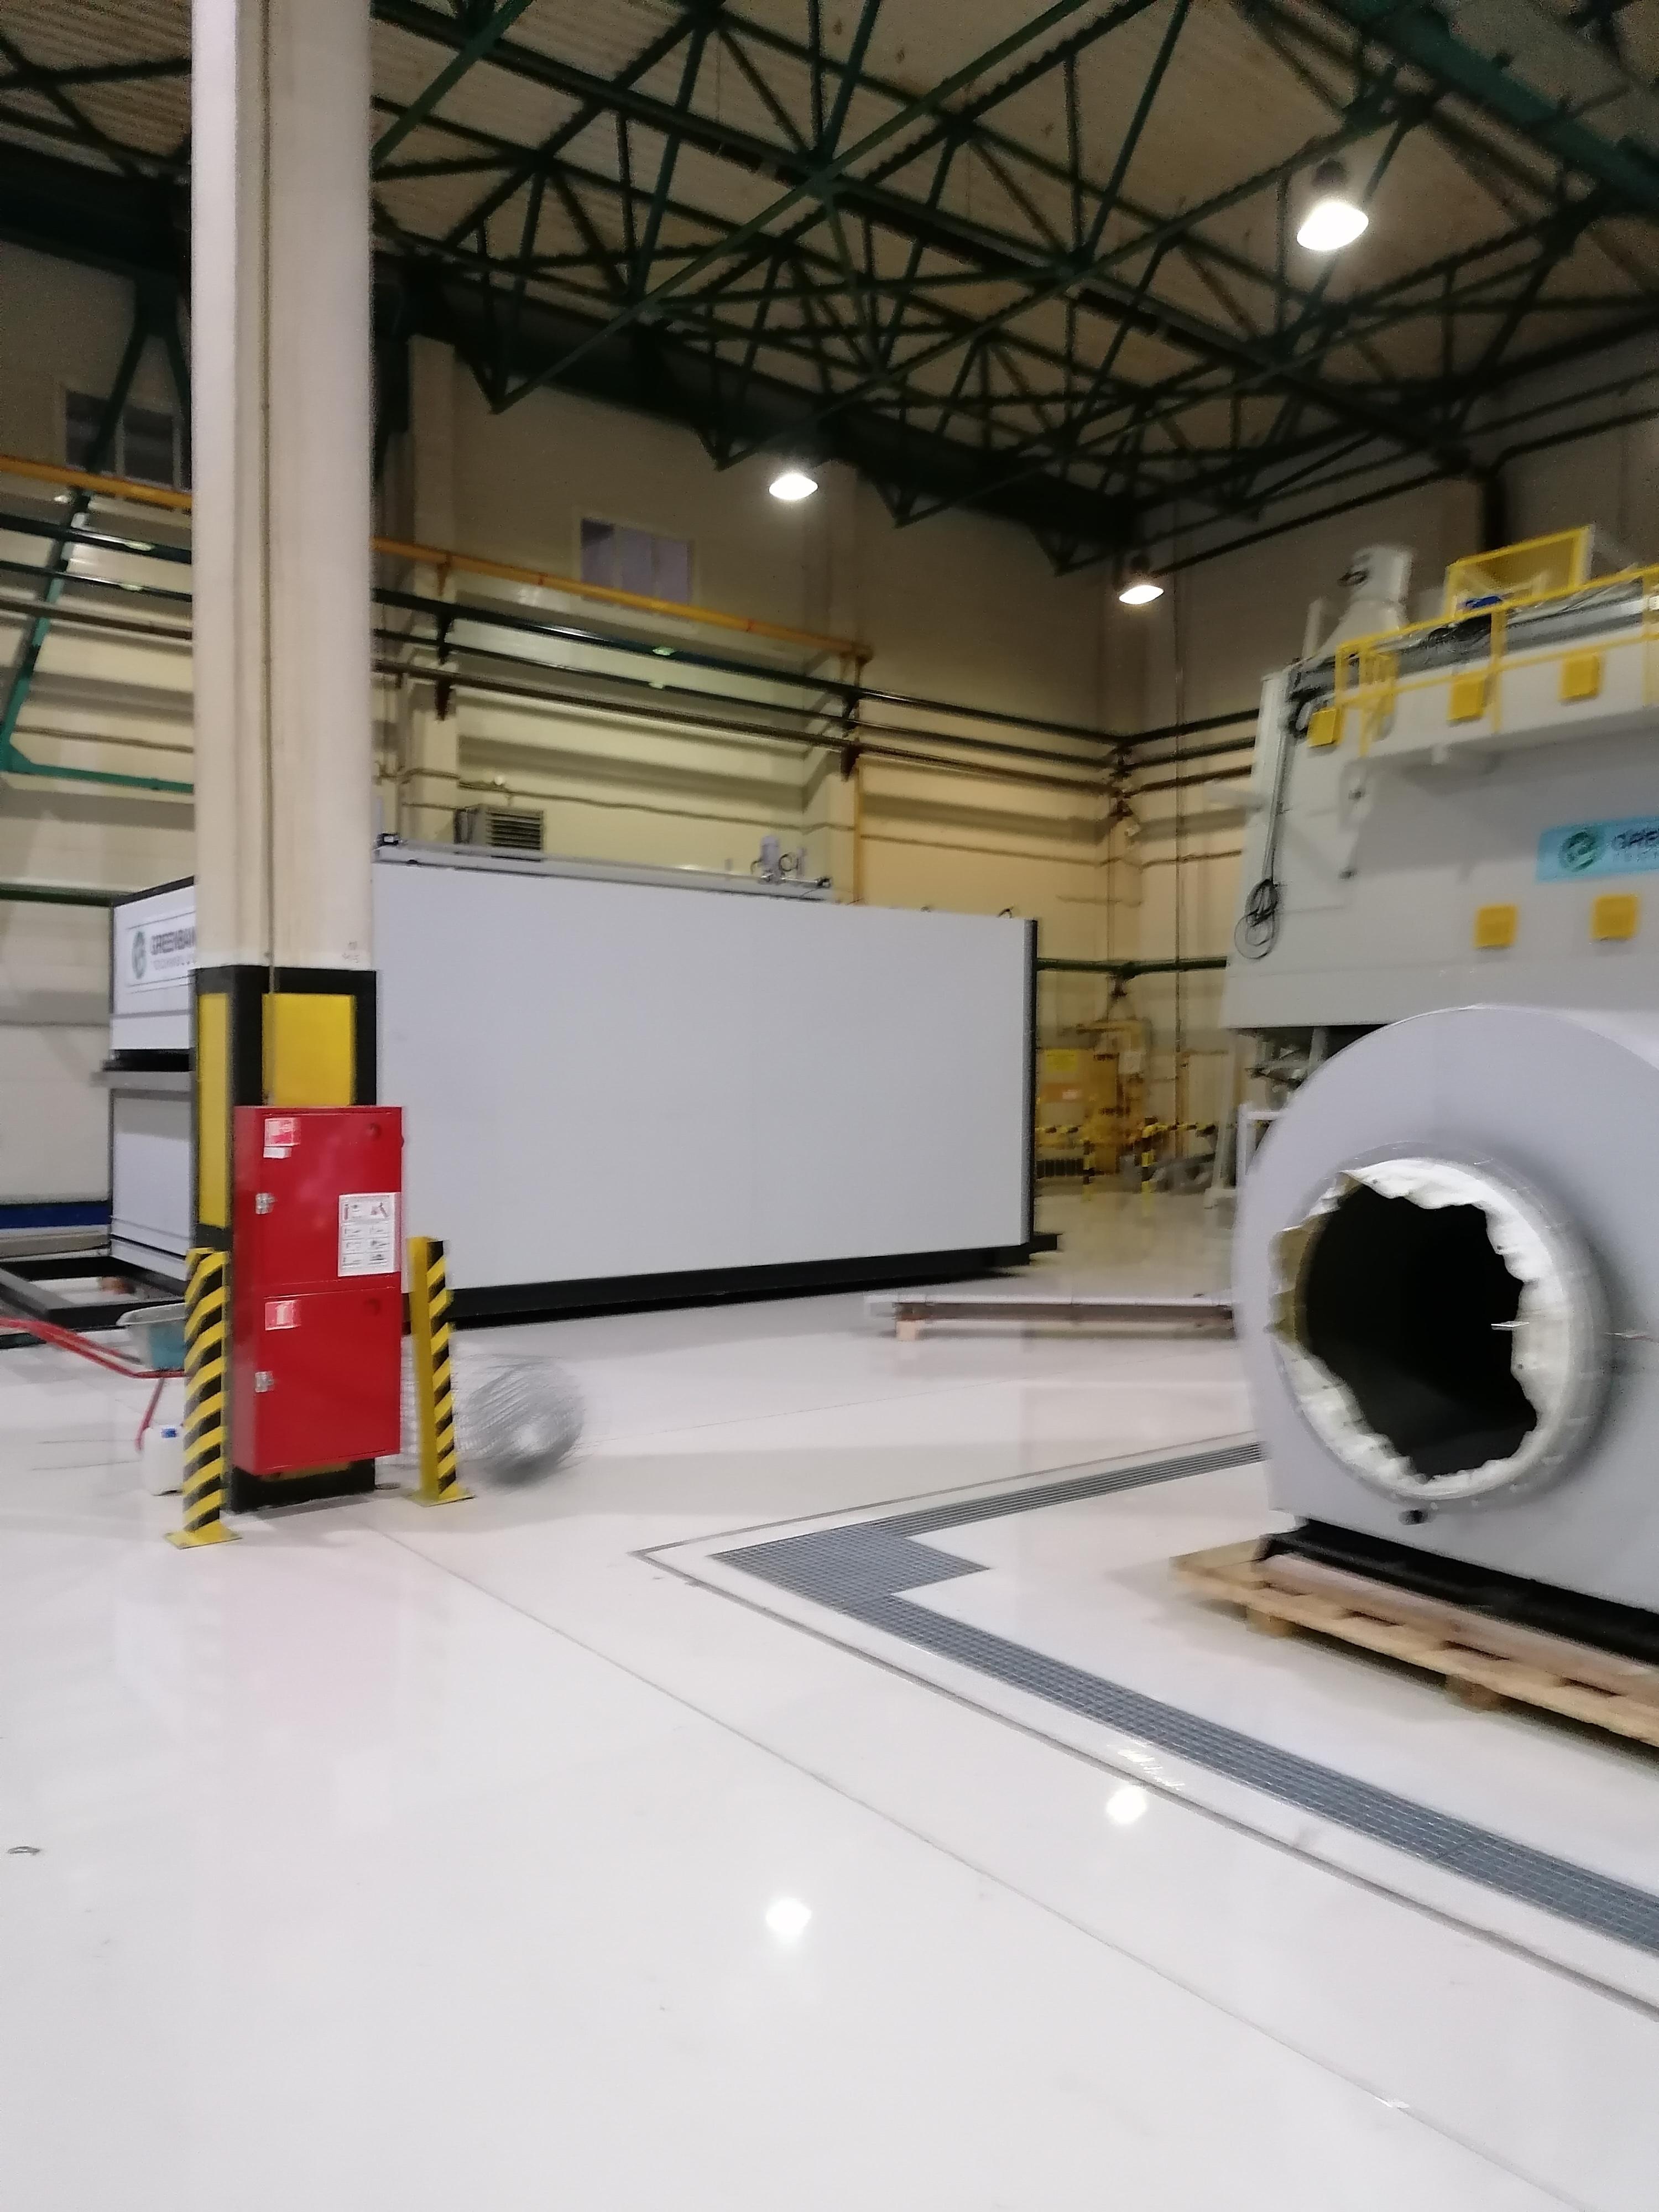 Монтаж оборудования на подготовленные полы